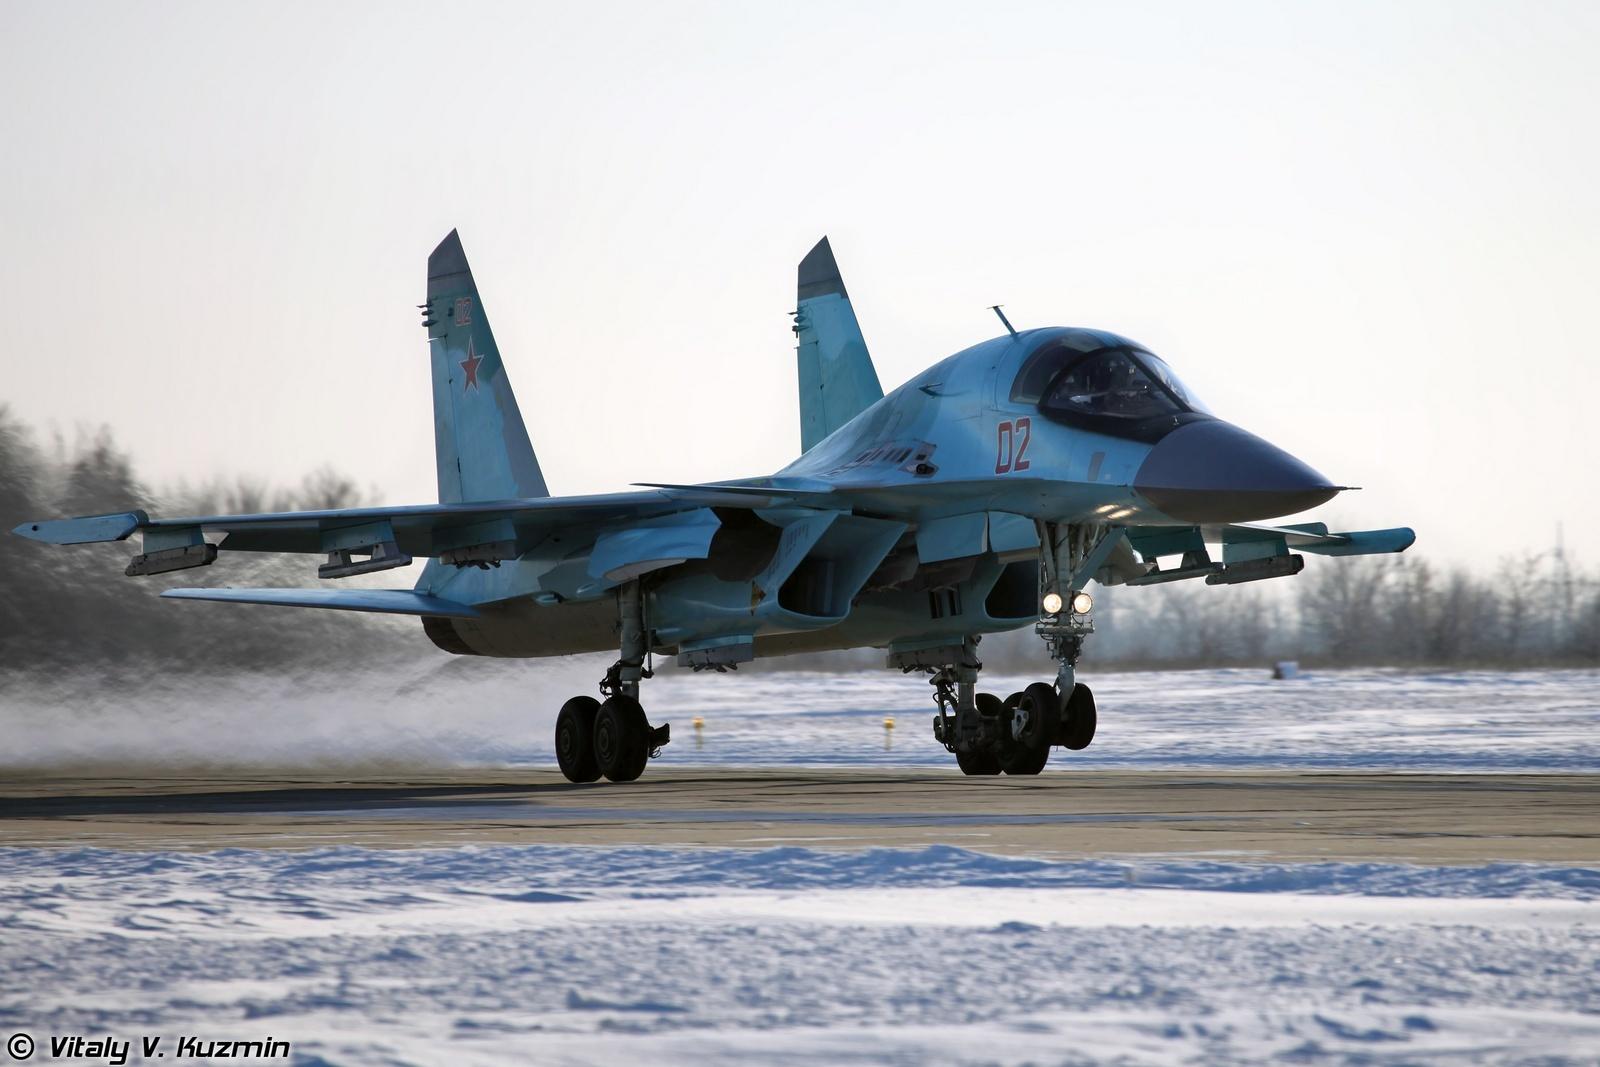 러시아 공군에 Su-34 전폭기의 인도를 완료한 수호..